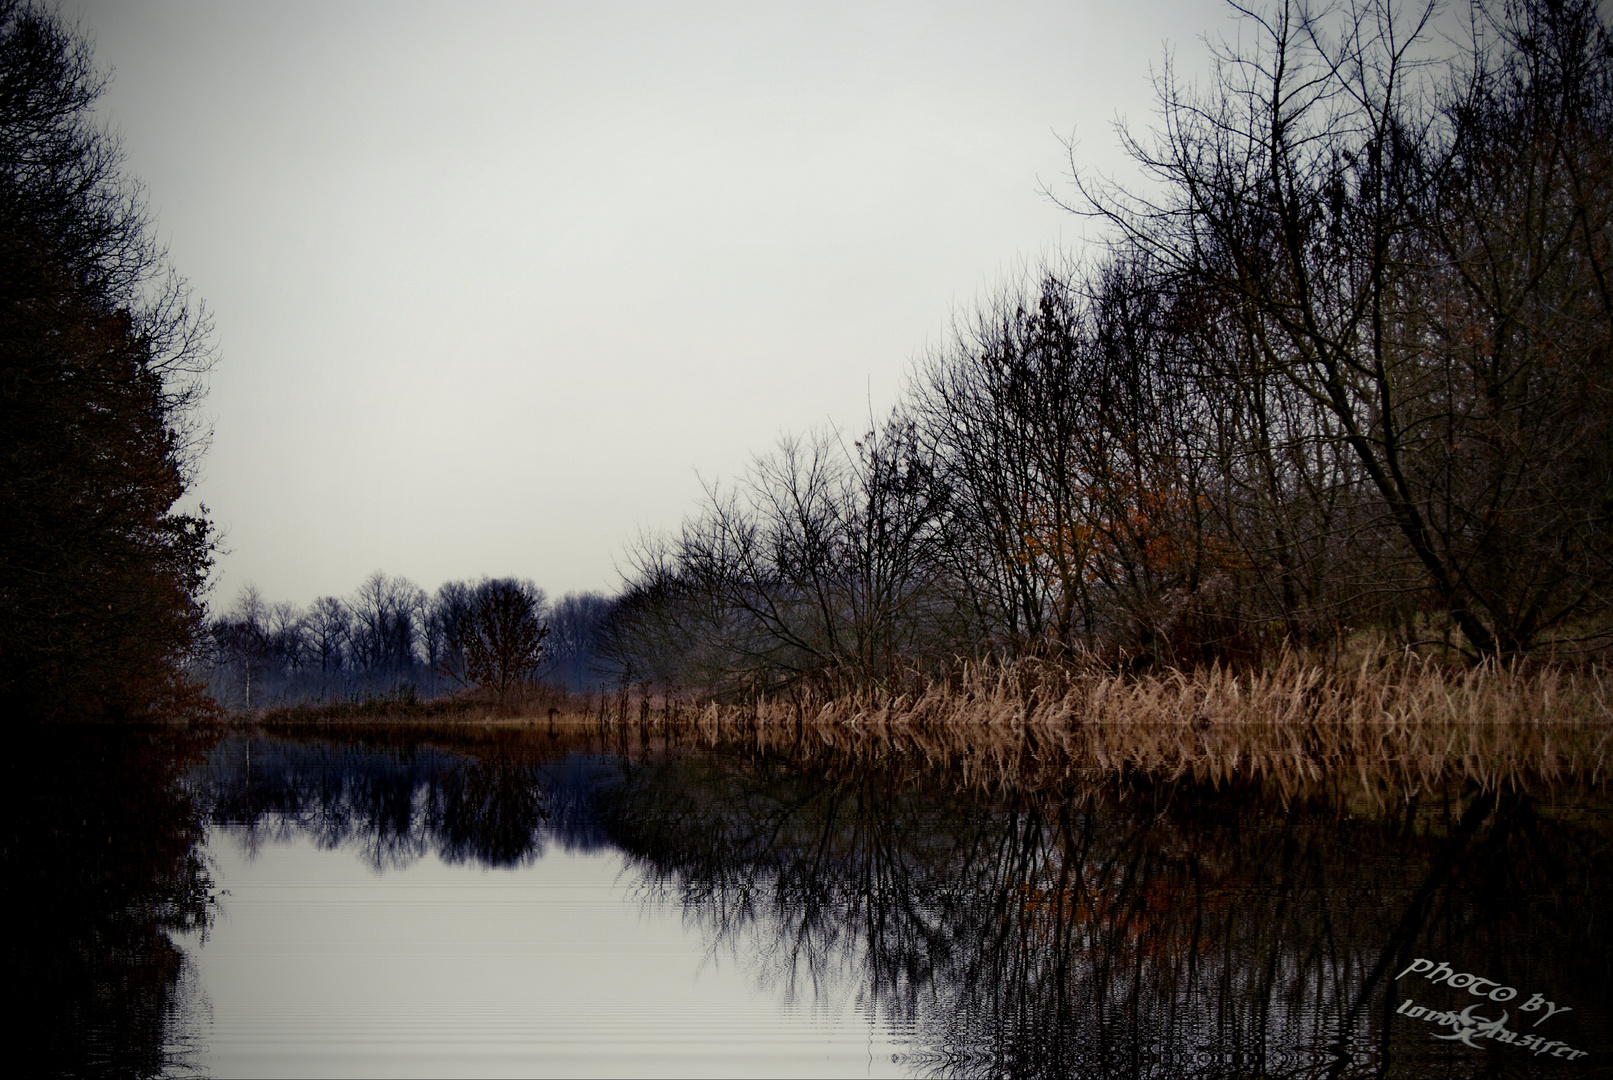 stille liegt in dem Gewässer